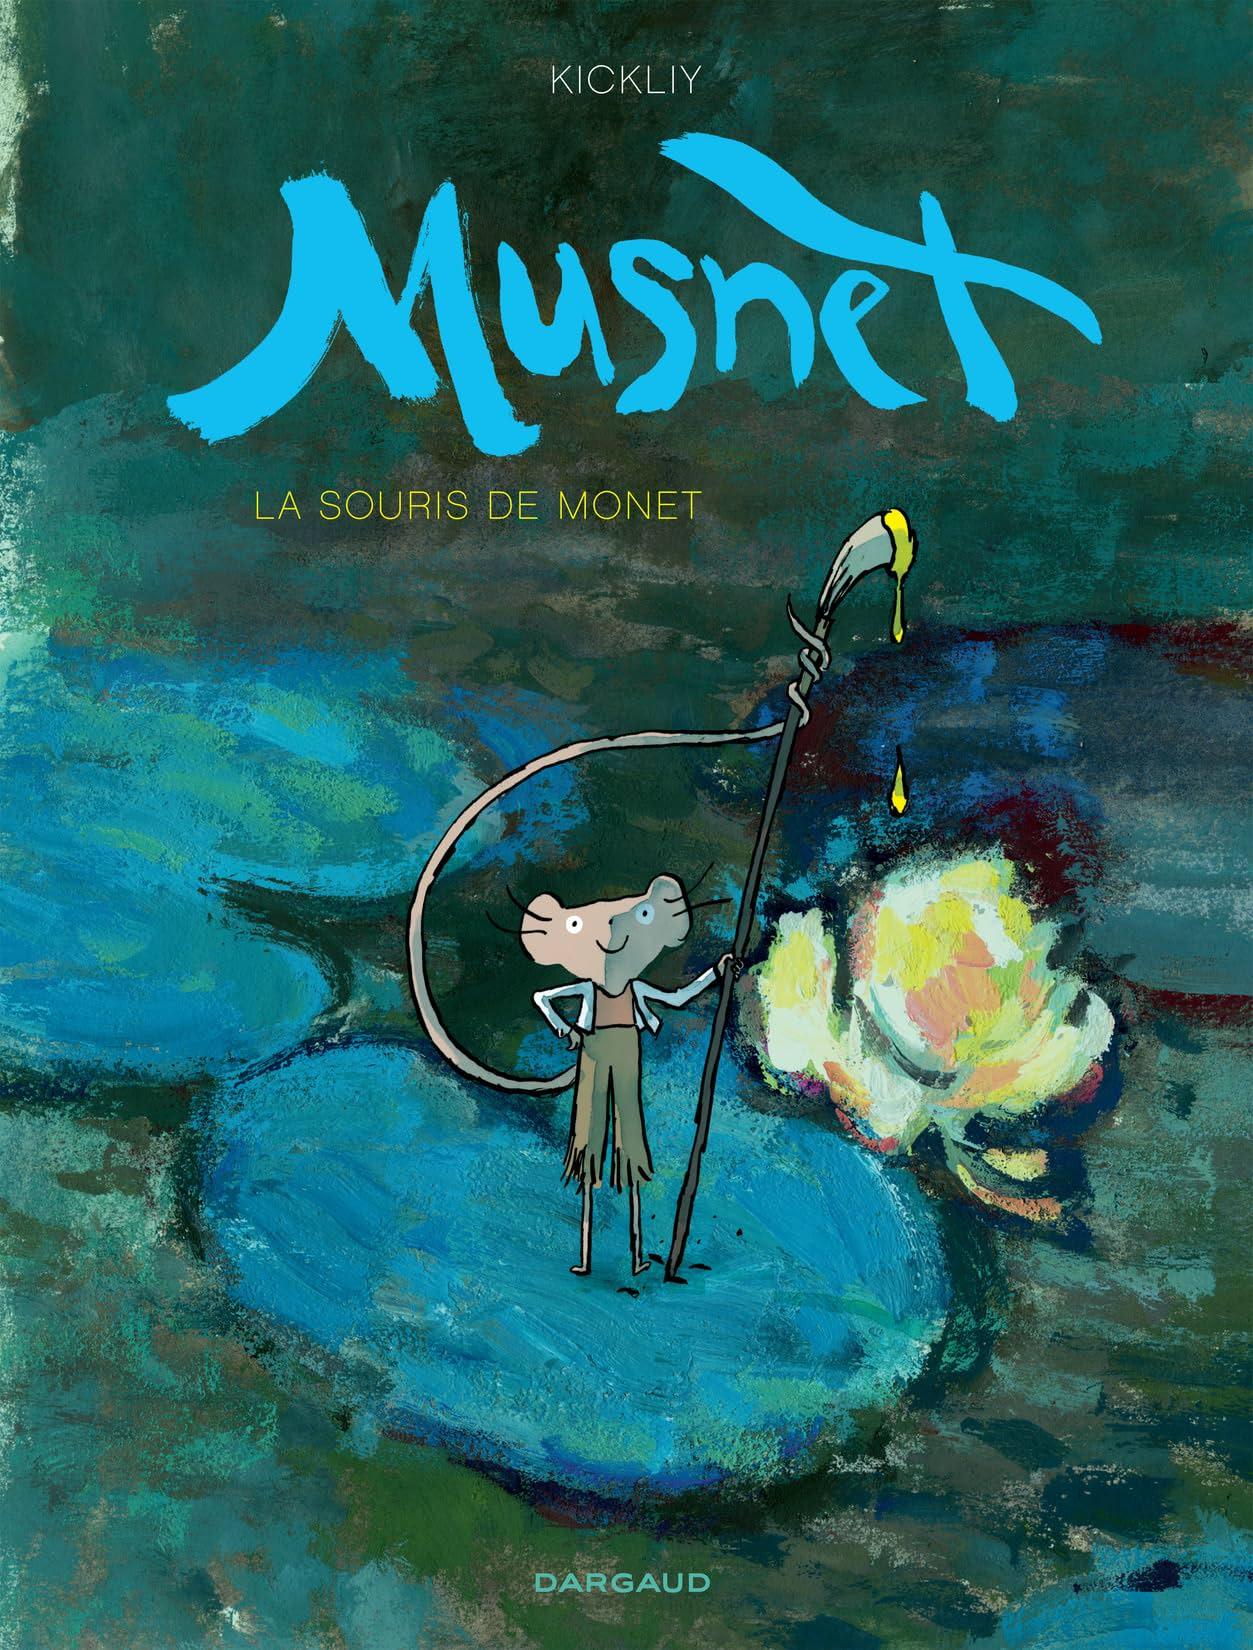 Musnet Vol. 1